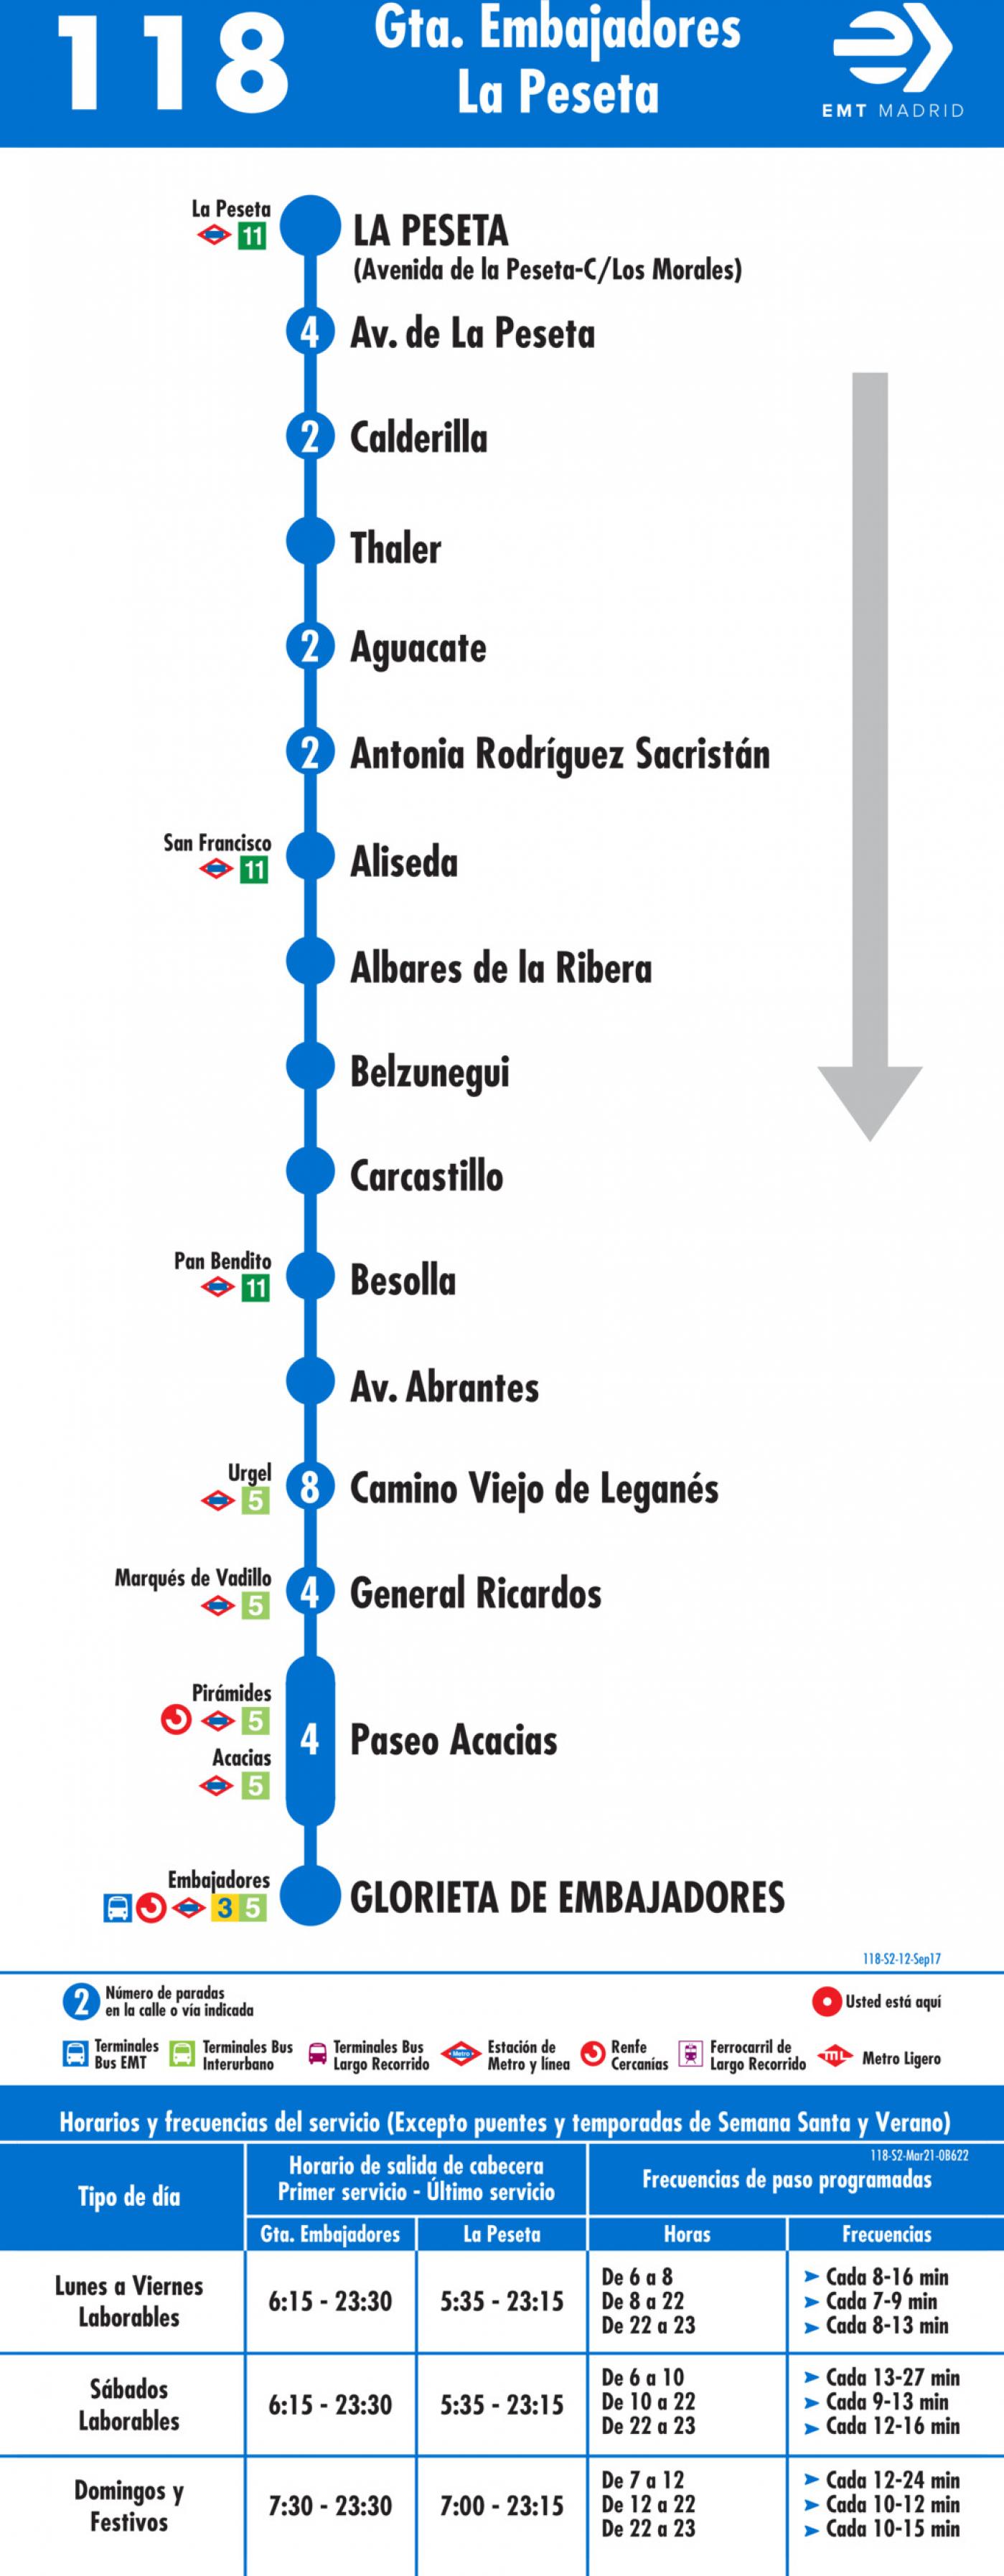 Tabla de horarios y frecuencias de paso en sentido vuelta Línea 118: Glorieta de Embajadores - Avenida de la Peseta